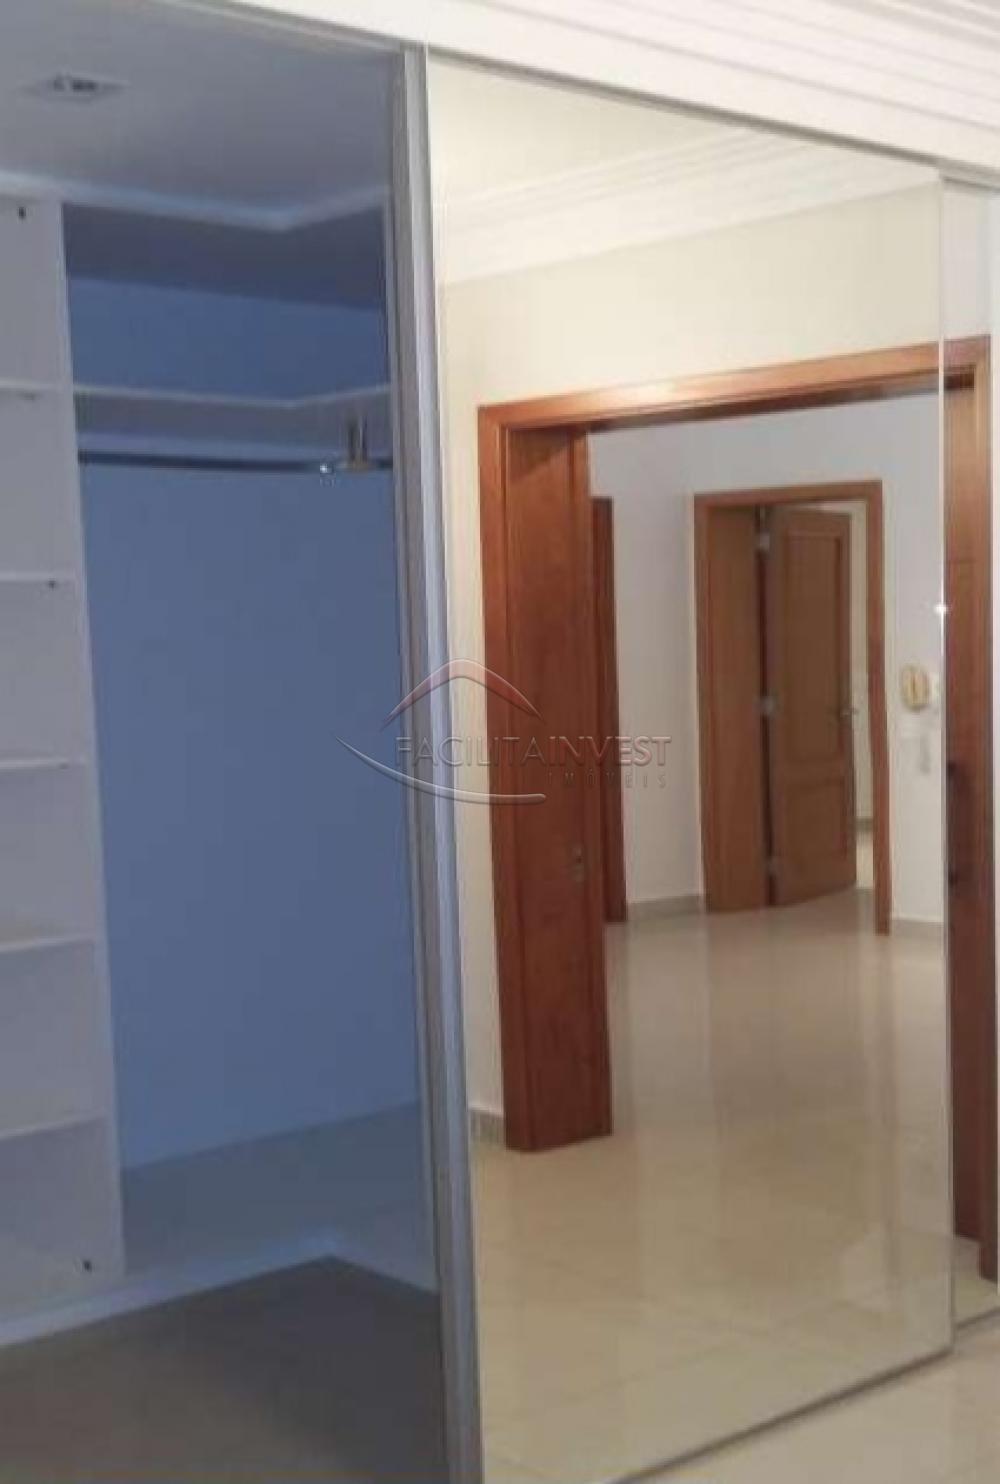 Comprar Apartamentos / Cobertura em Ribeirão Preto apenas R$ 1.750.000,00 - Foto 11